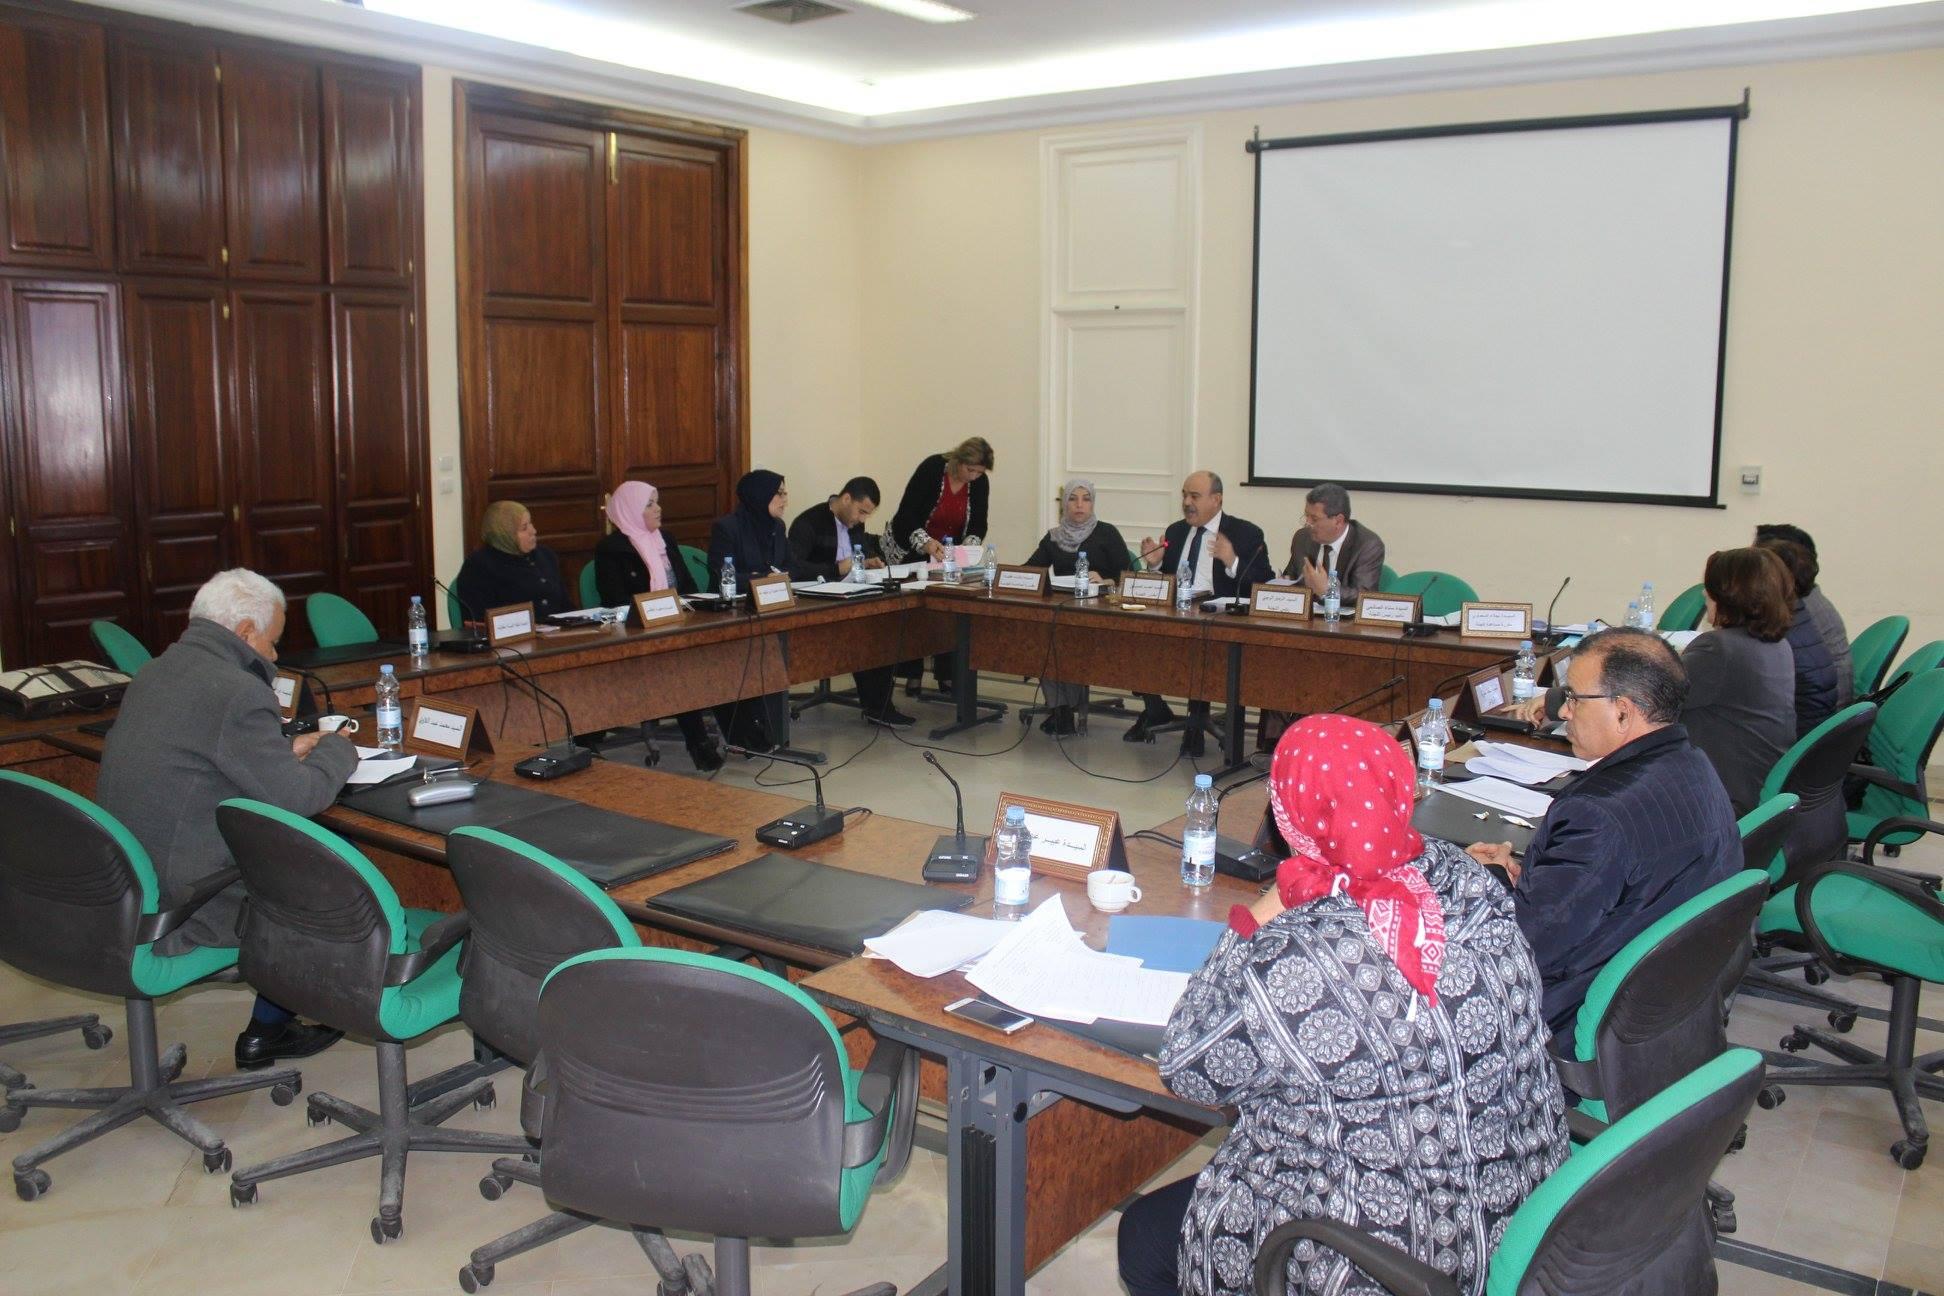 البرلمان يفتح ملفي أسطول شركة الخطوط التونسية والأراضي الفلاحية المُهيكلة